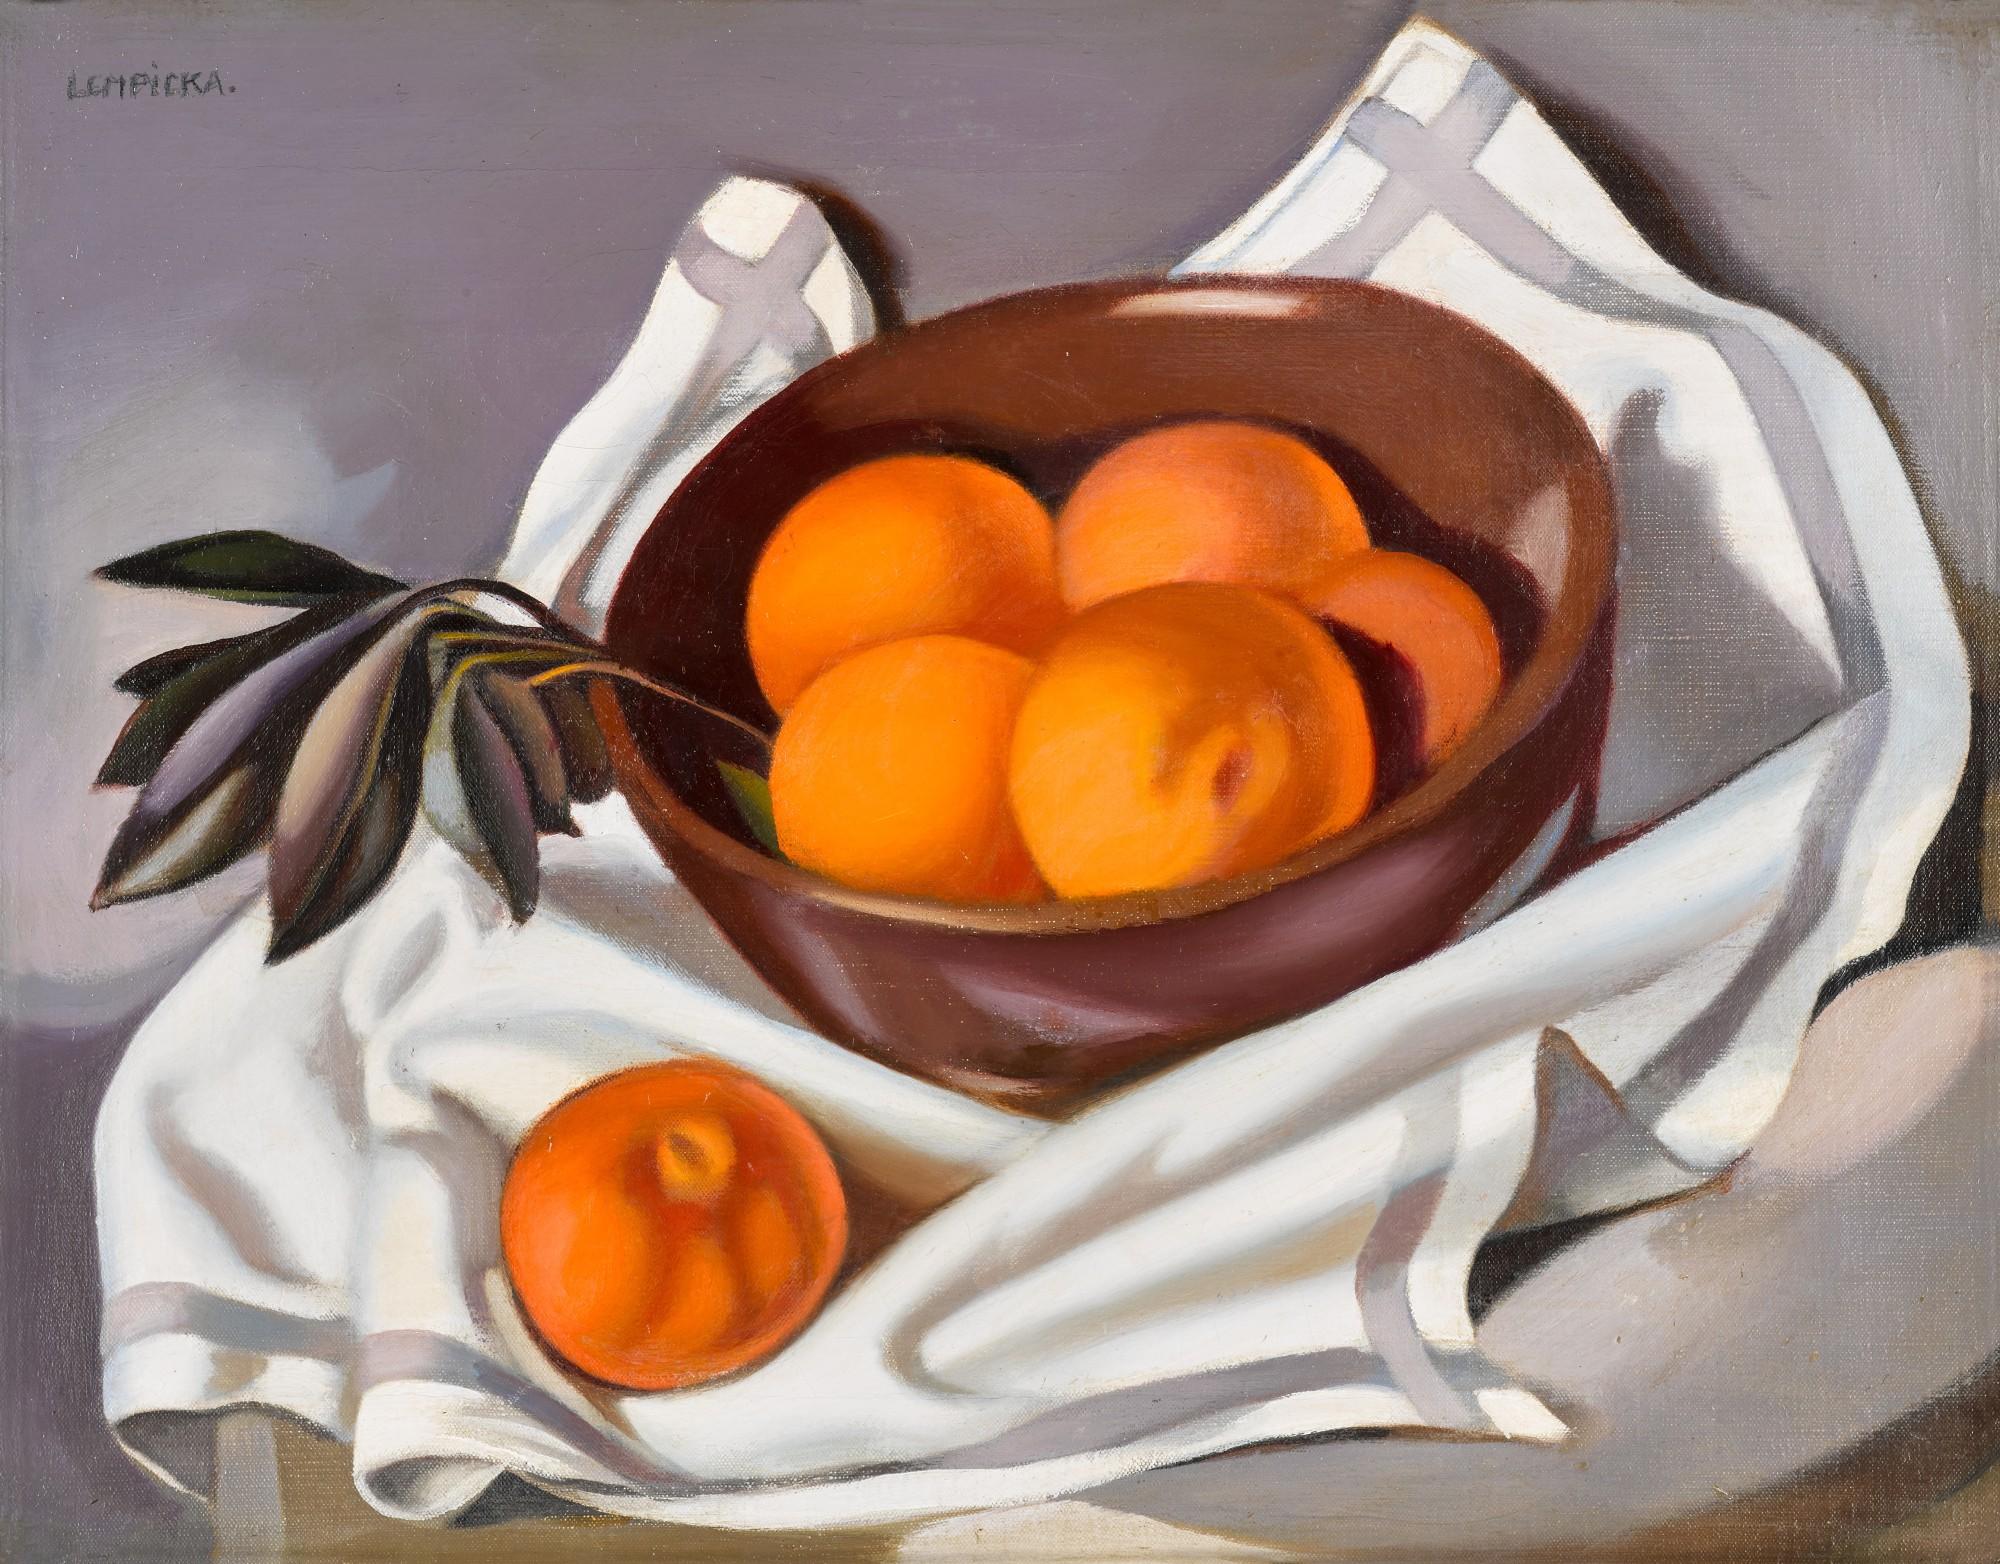 Тамара де Лемпицка. «Натюрморт с мандаринами», 1942 / эстимейт £180,000 - 220,000 / фото Sothebyʹs